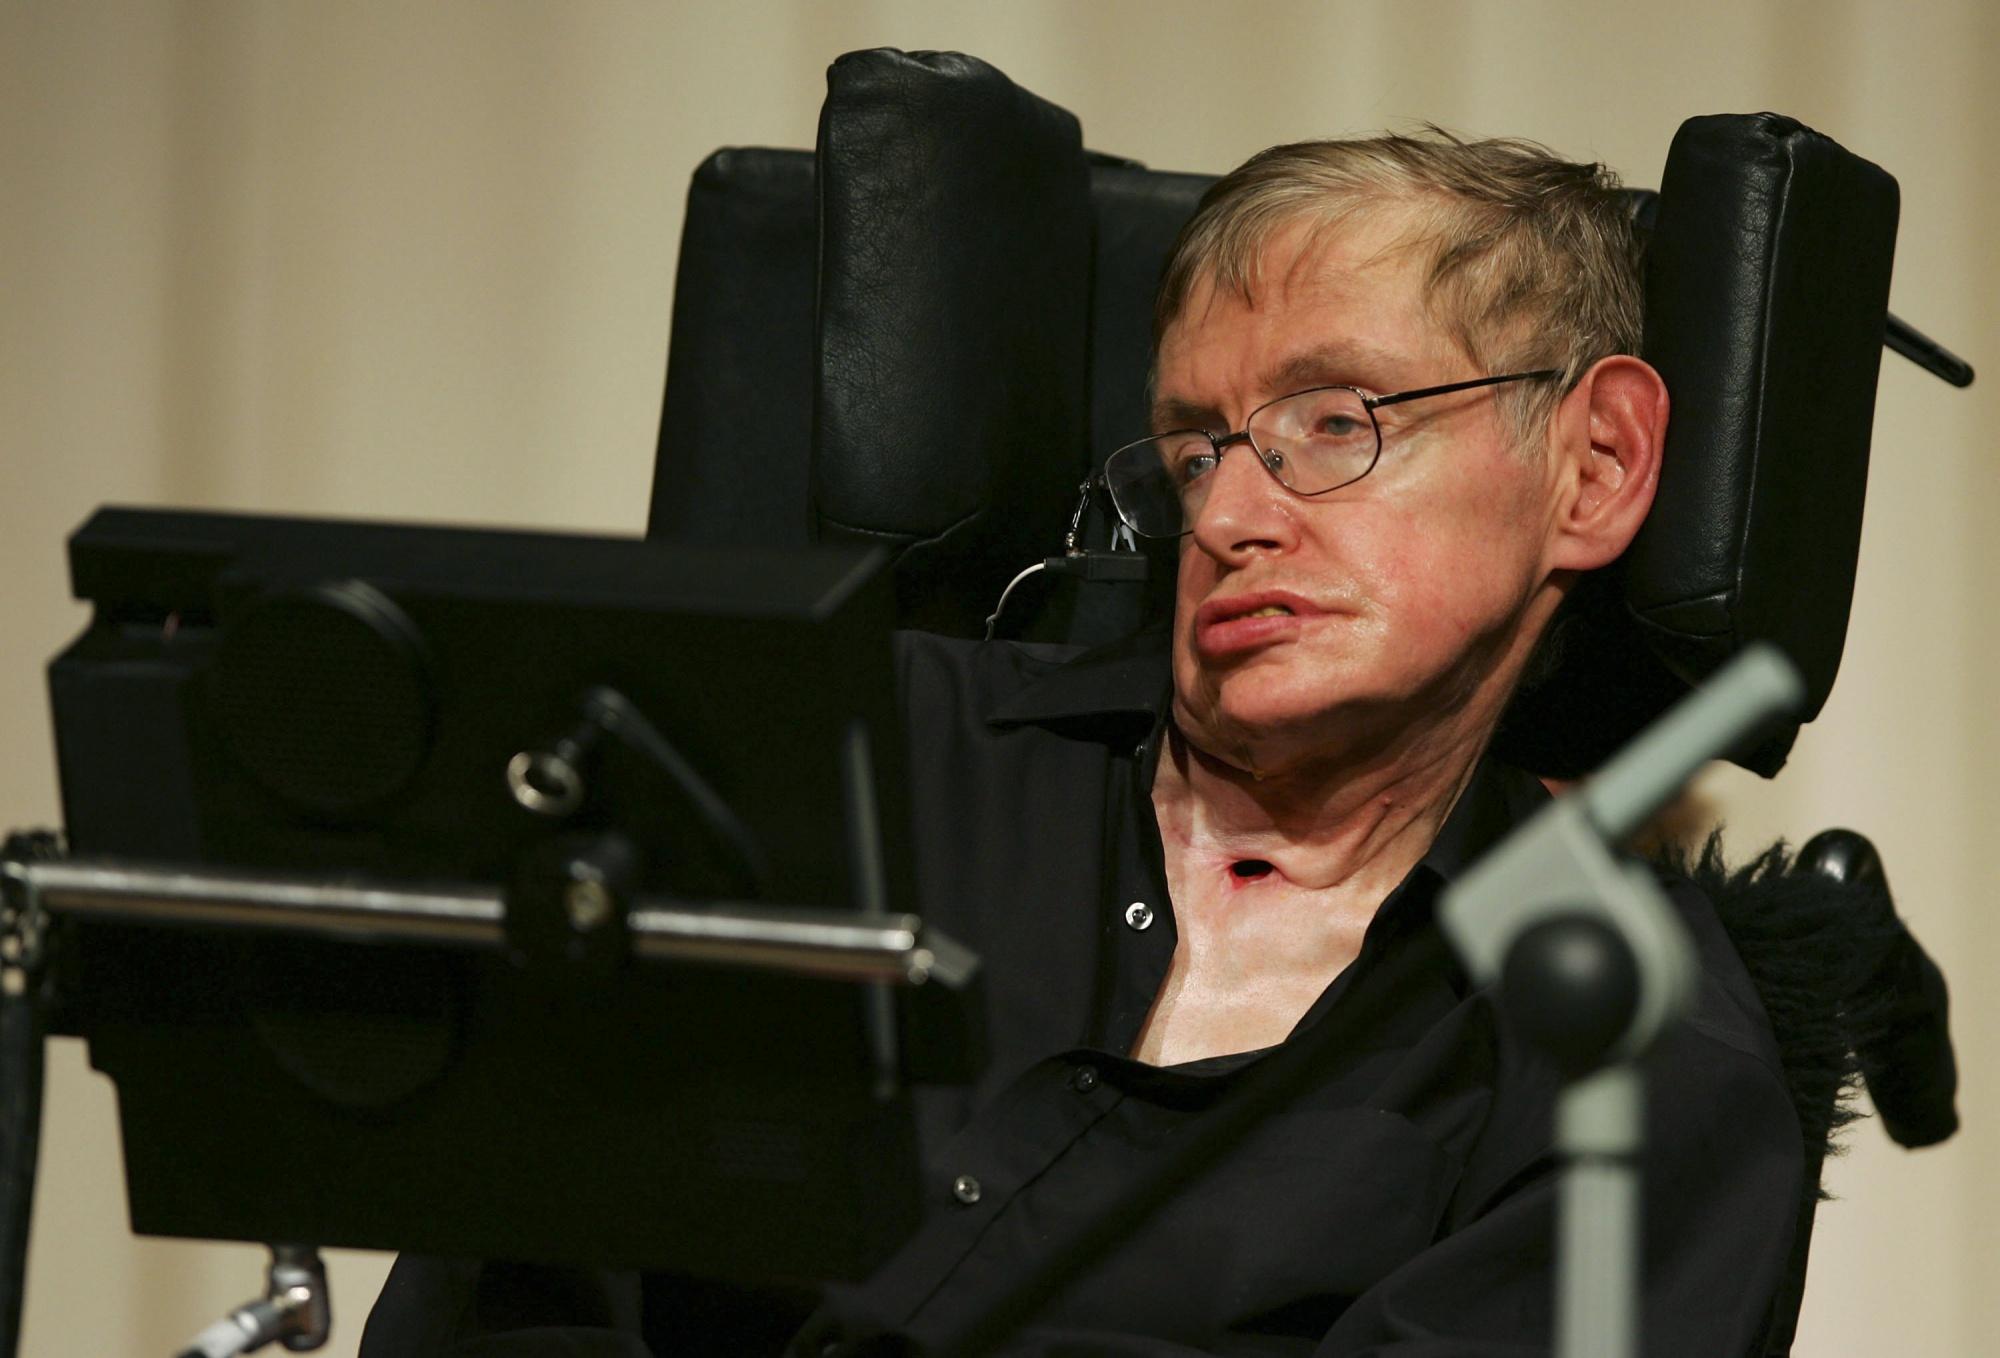 Стивен Хокинг предостерег создателей искусственного интеллекта. Необходим контроль над роботами